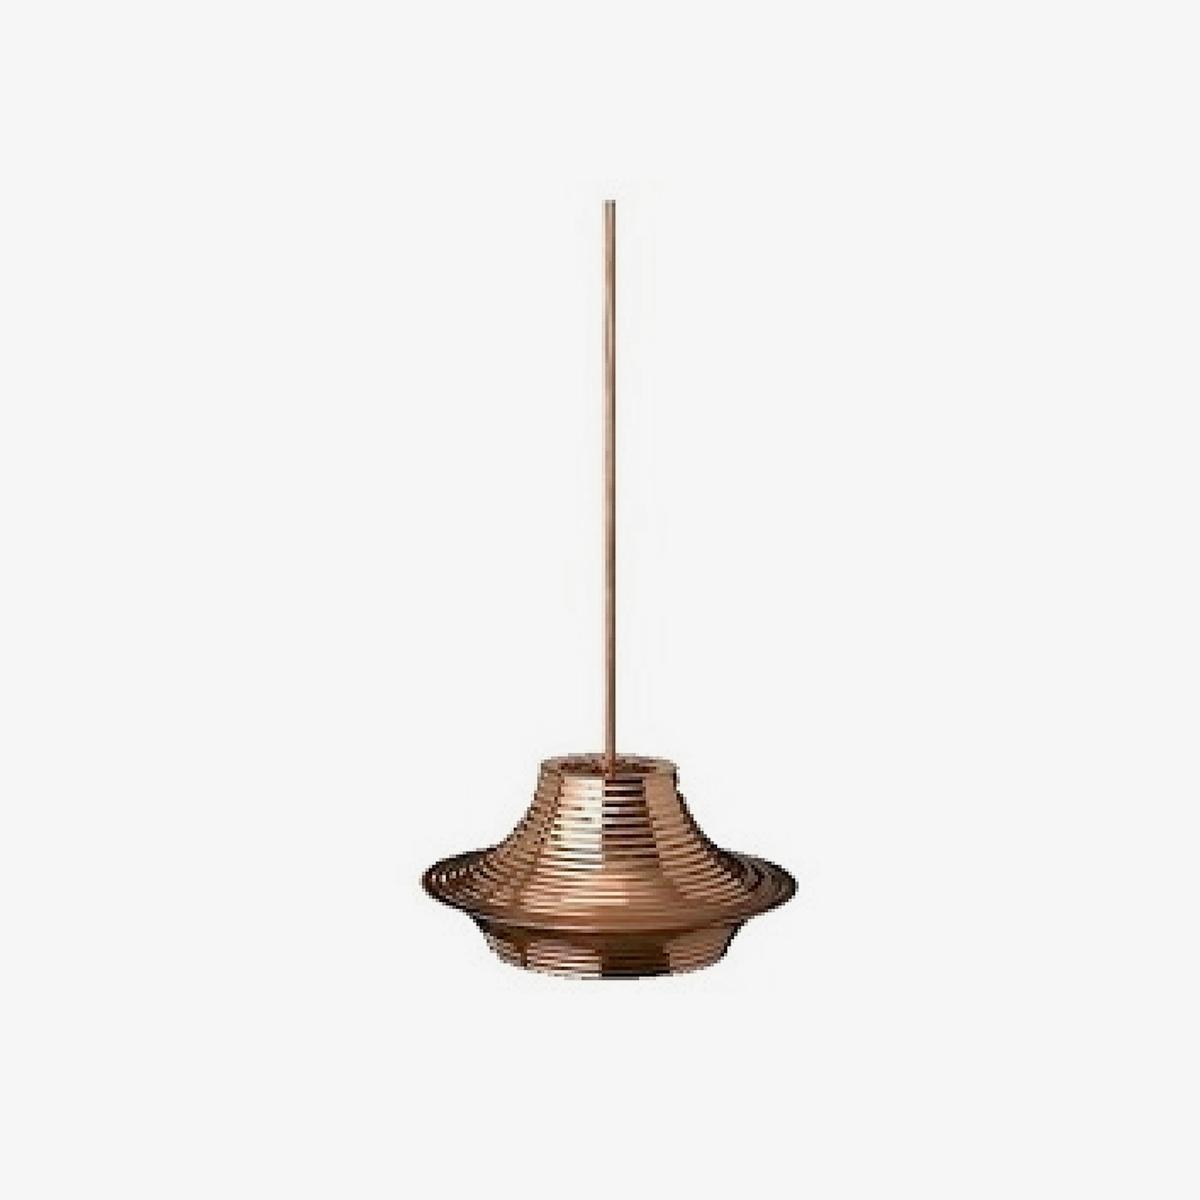 Lámpara colgante Tibeta 03 cobre brillo Bover-0